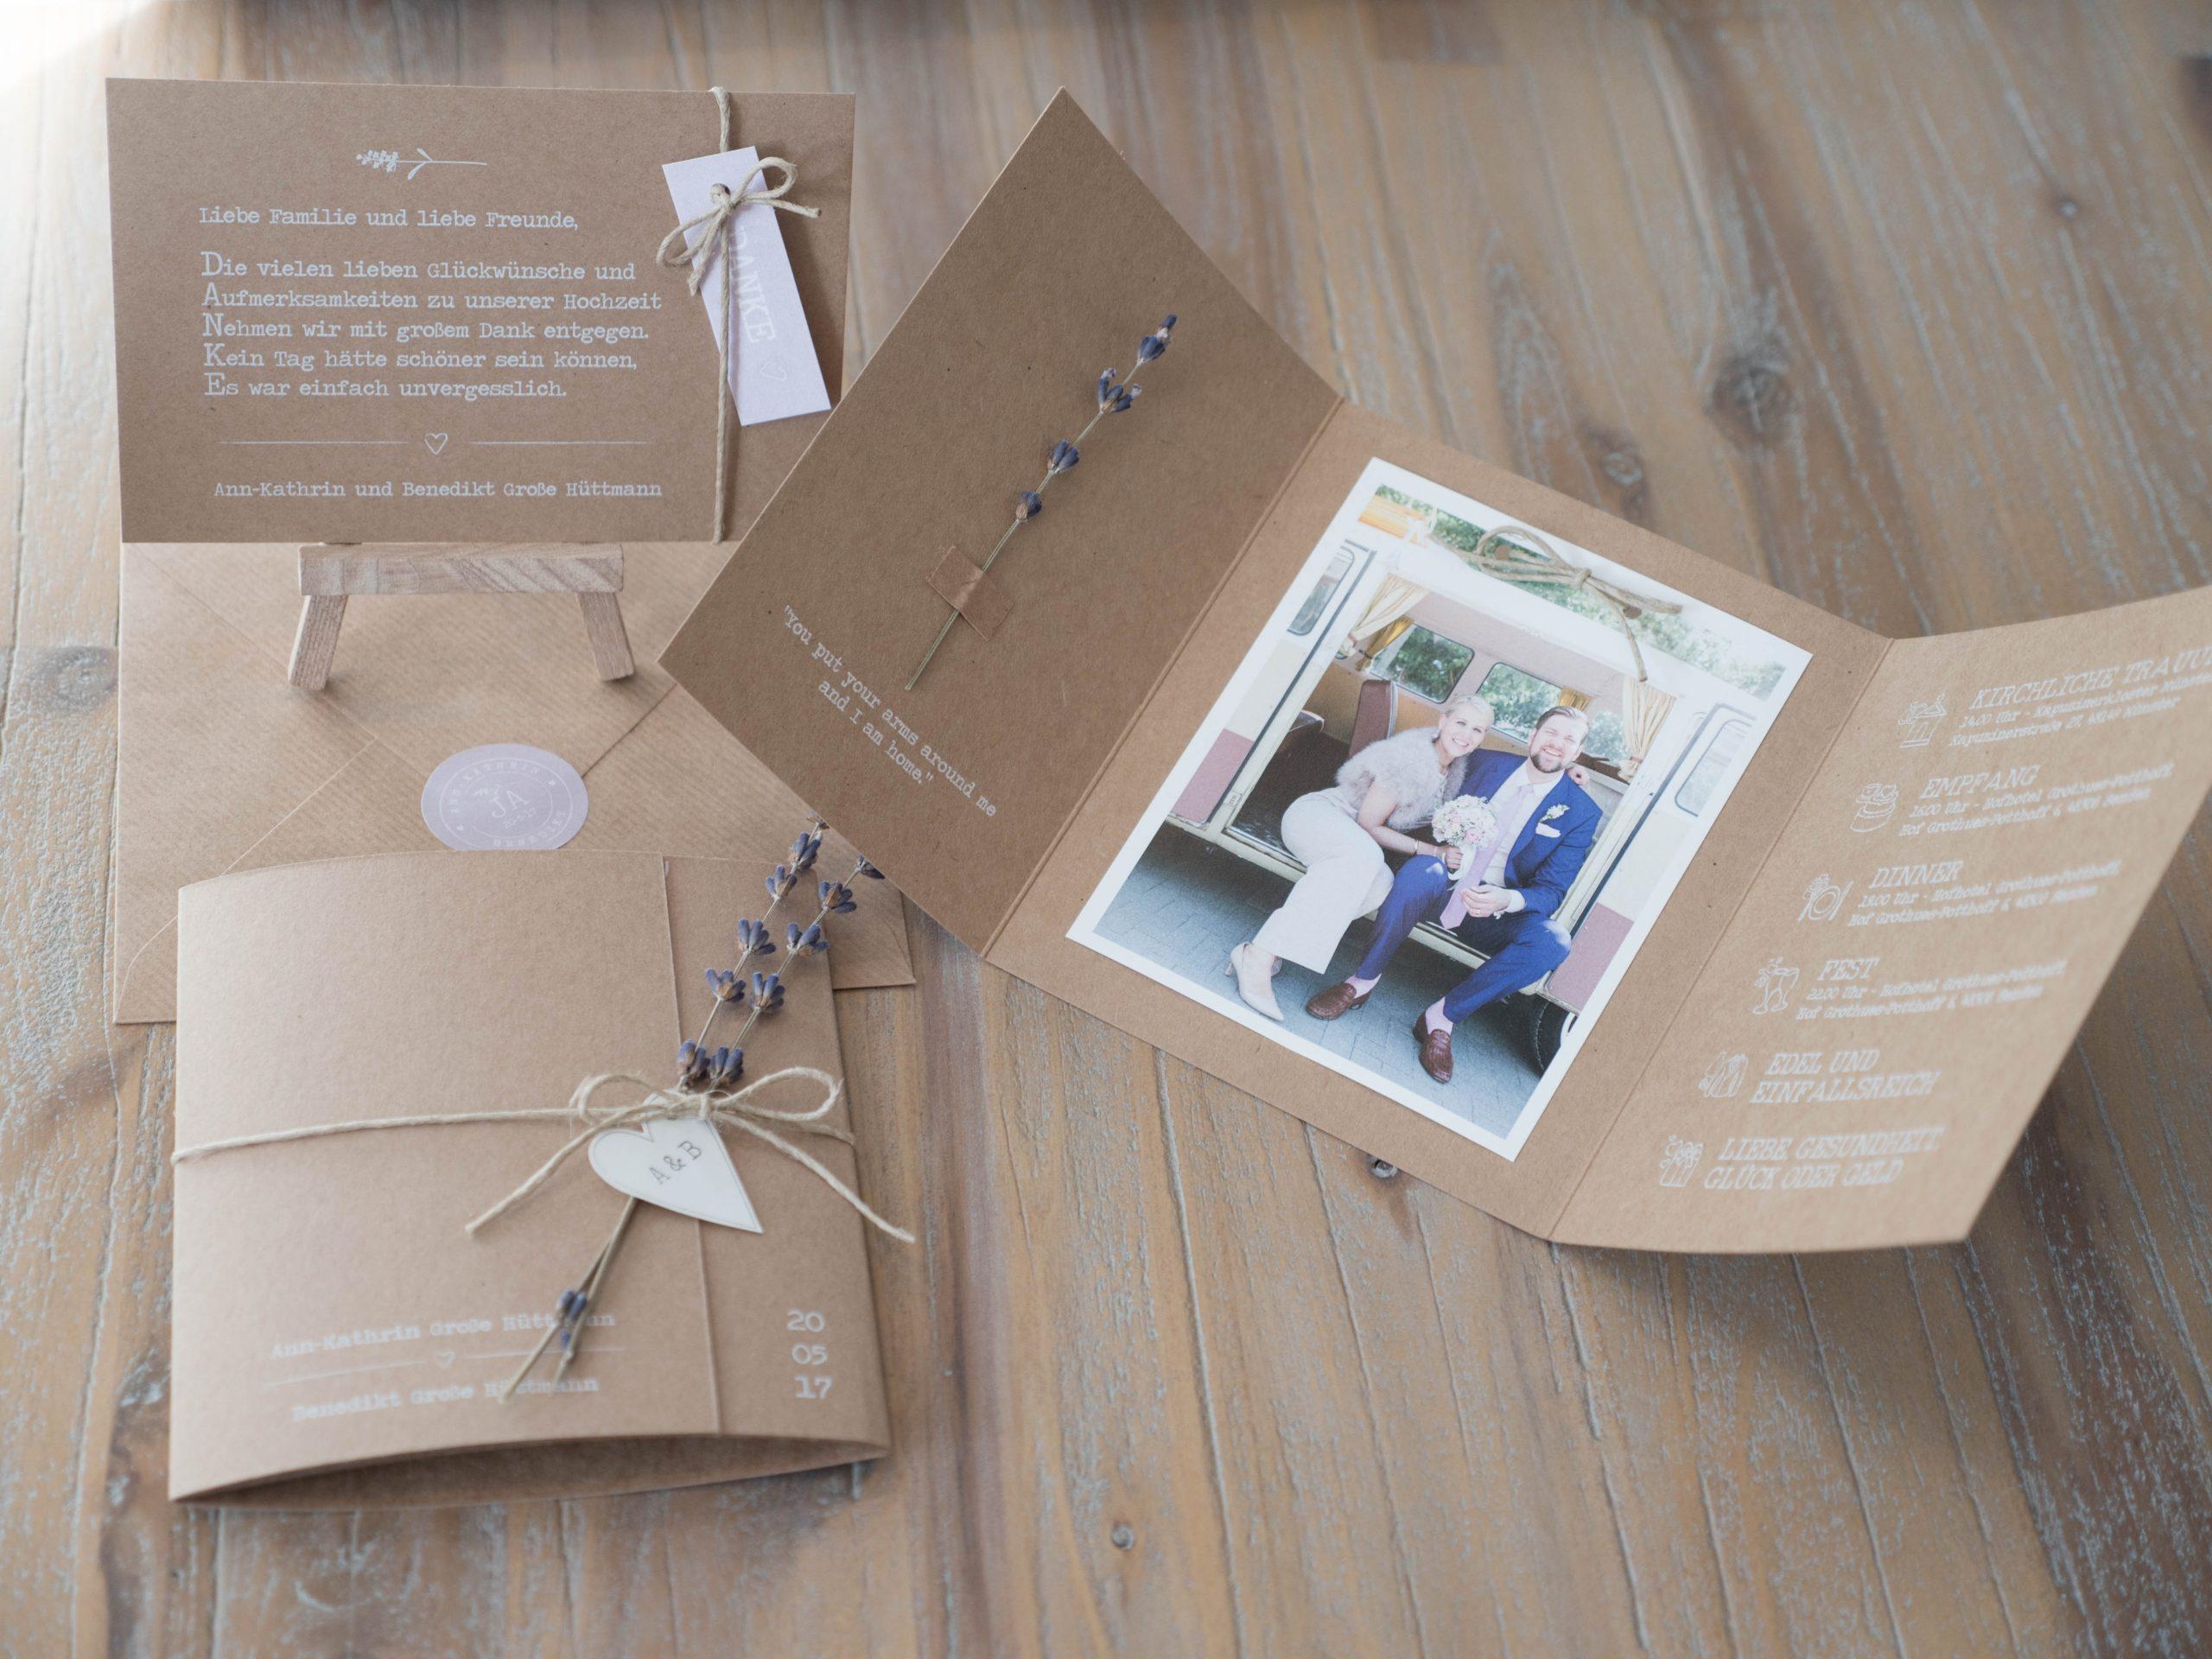 Een hele bijzondere opdracht! Dit echtpaar kwam helemaal uit Duitsland naar Woudrichem afgereisd om aan te schuiven bij Studio Altena. We begonnen met een moodboard en dit is het eindresultaat: alles in één bijpassende stijl van kraft, linnen en lavendel. Van de trouwkaarten - met uitnodigingen voor de overnachting - tot aan de menukaarten. En van de tafelnummers tot aan de bedankkaarten met bijpassende sluitsticker.